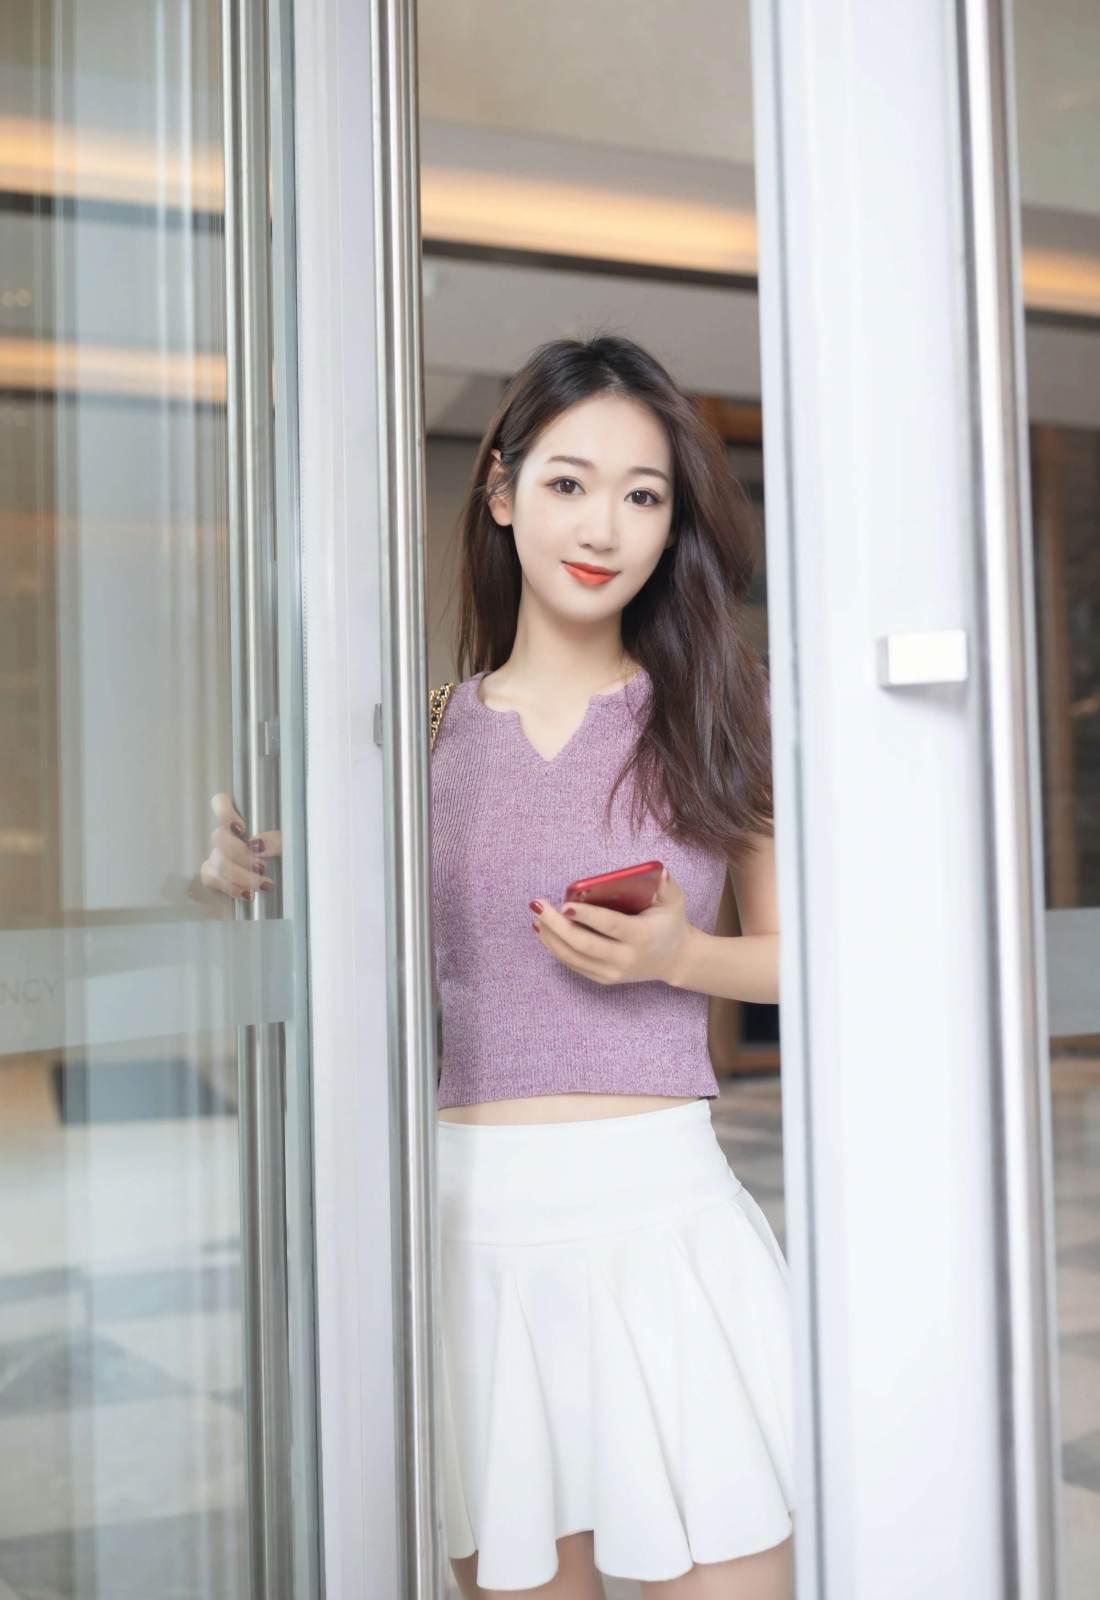 第170期充满活力的妹子唐安琪(jk裙,露脐装,高跟,肉丝)_图片1